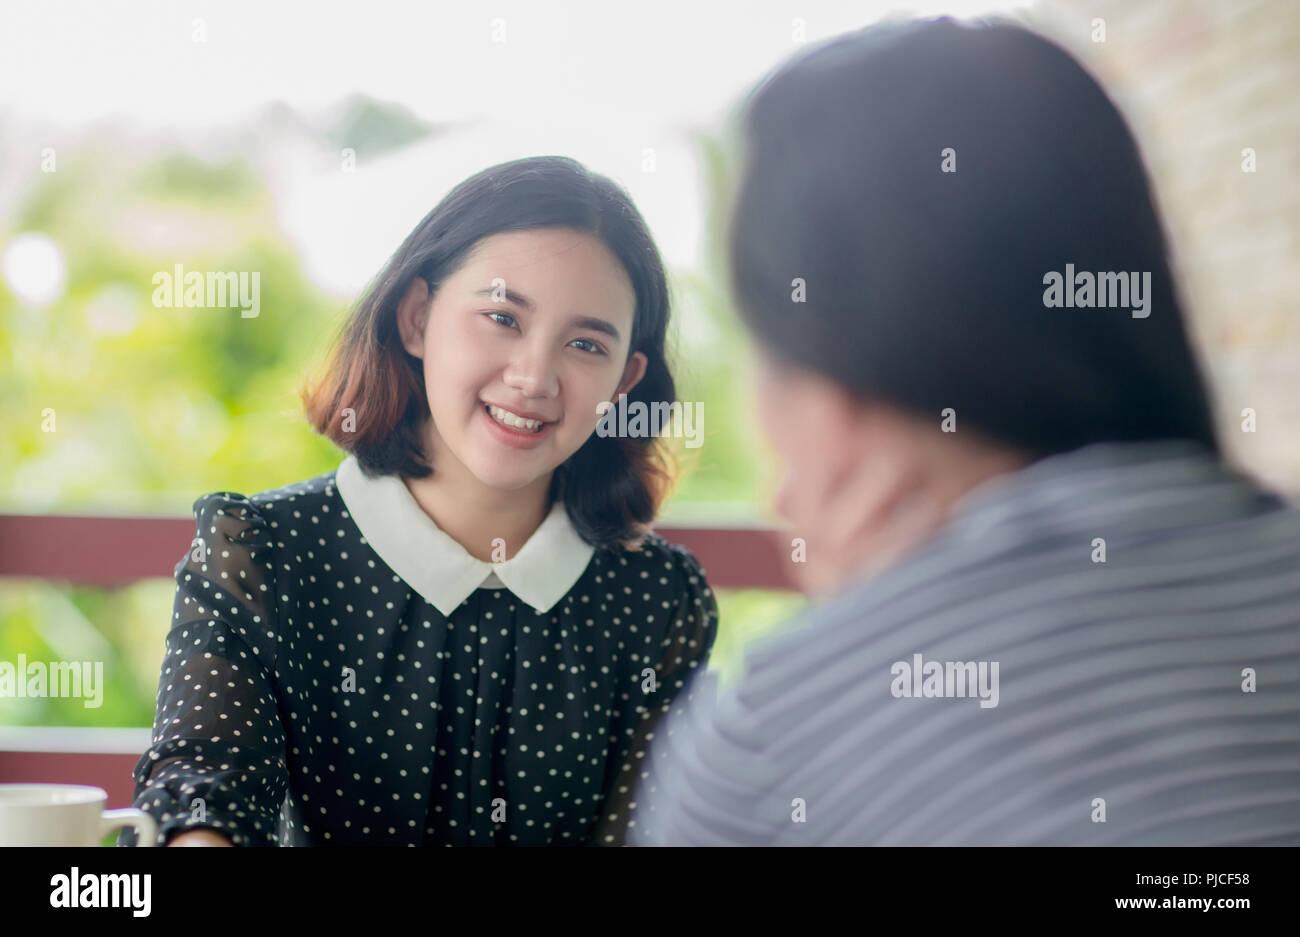 Jóvenes Muchachas Bonitas Asain Disfruta Hablando Foto